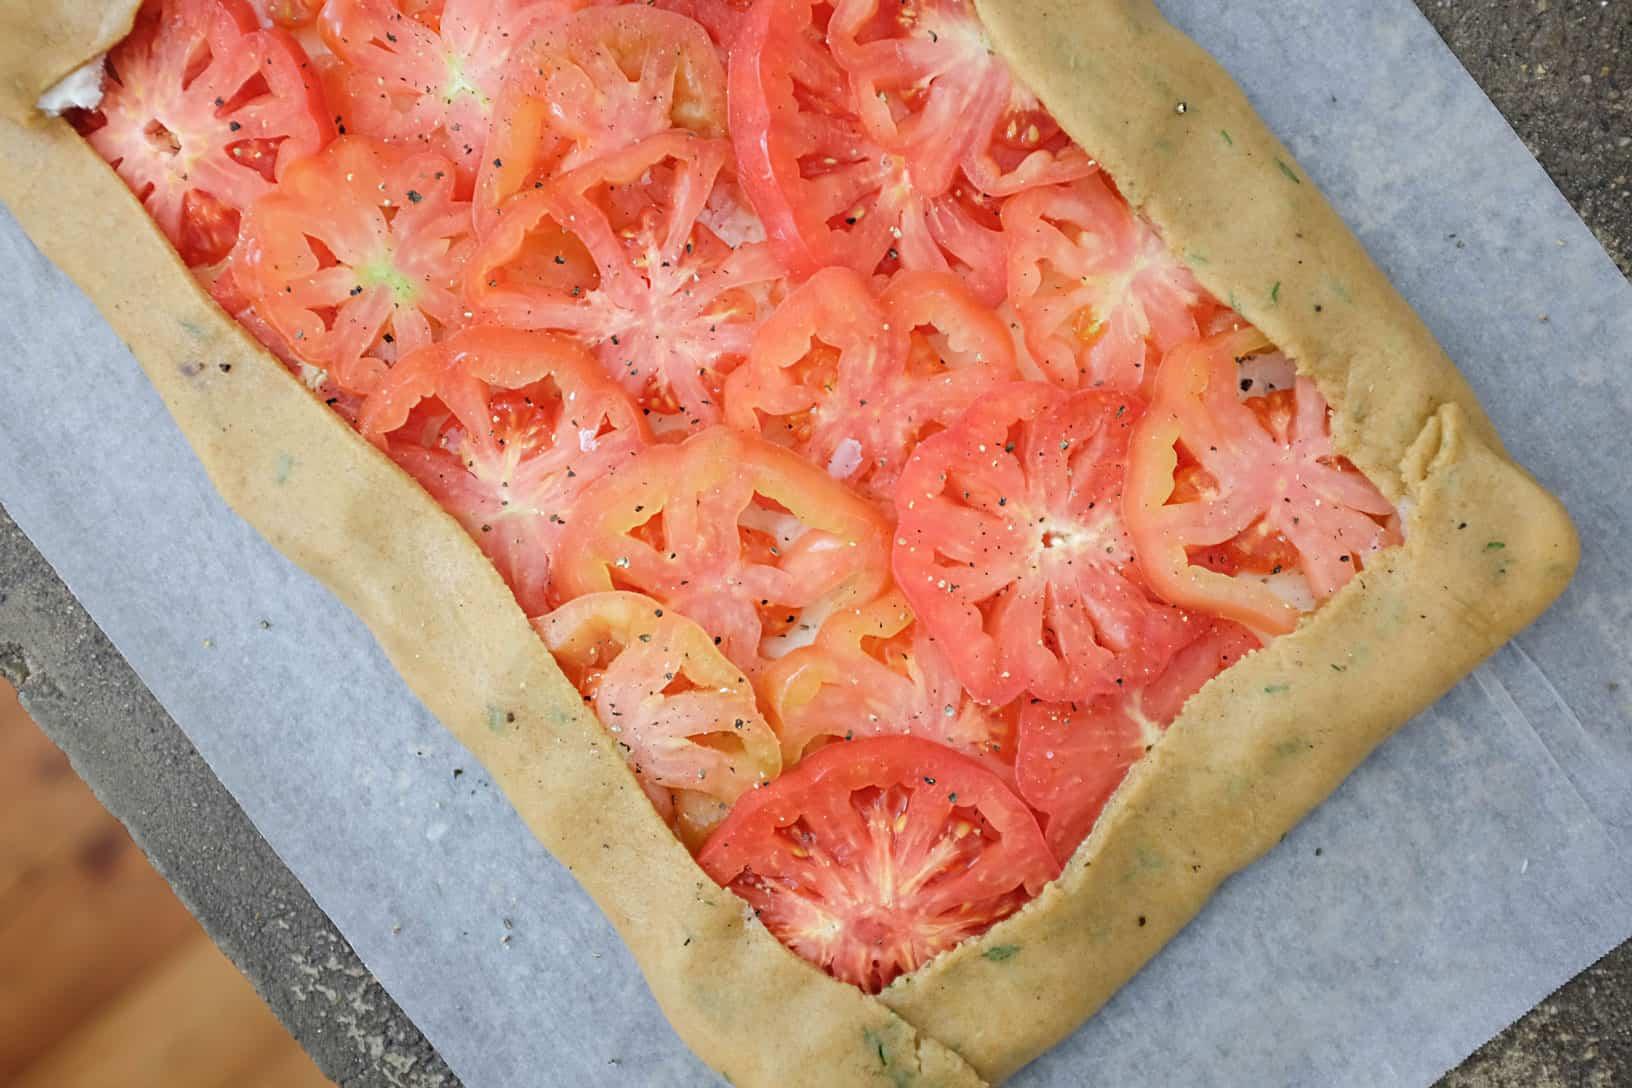 torta-salata-pomodori-03